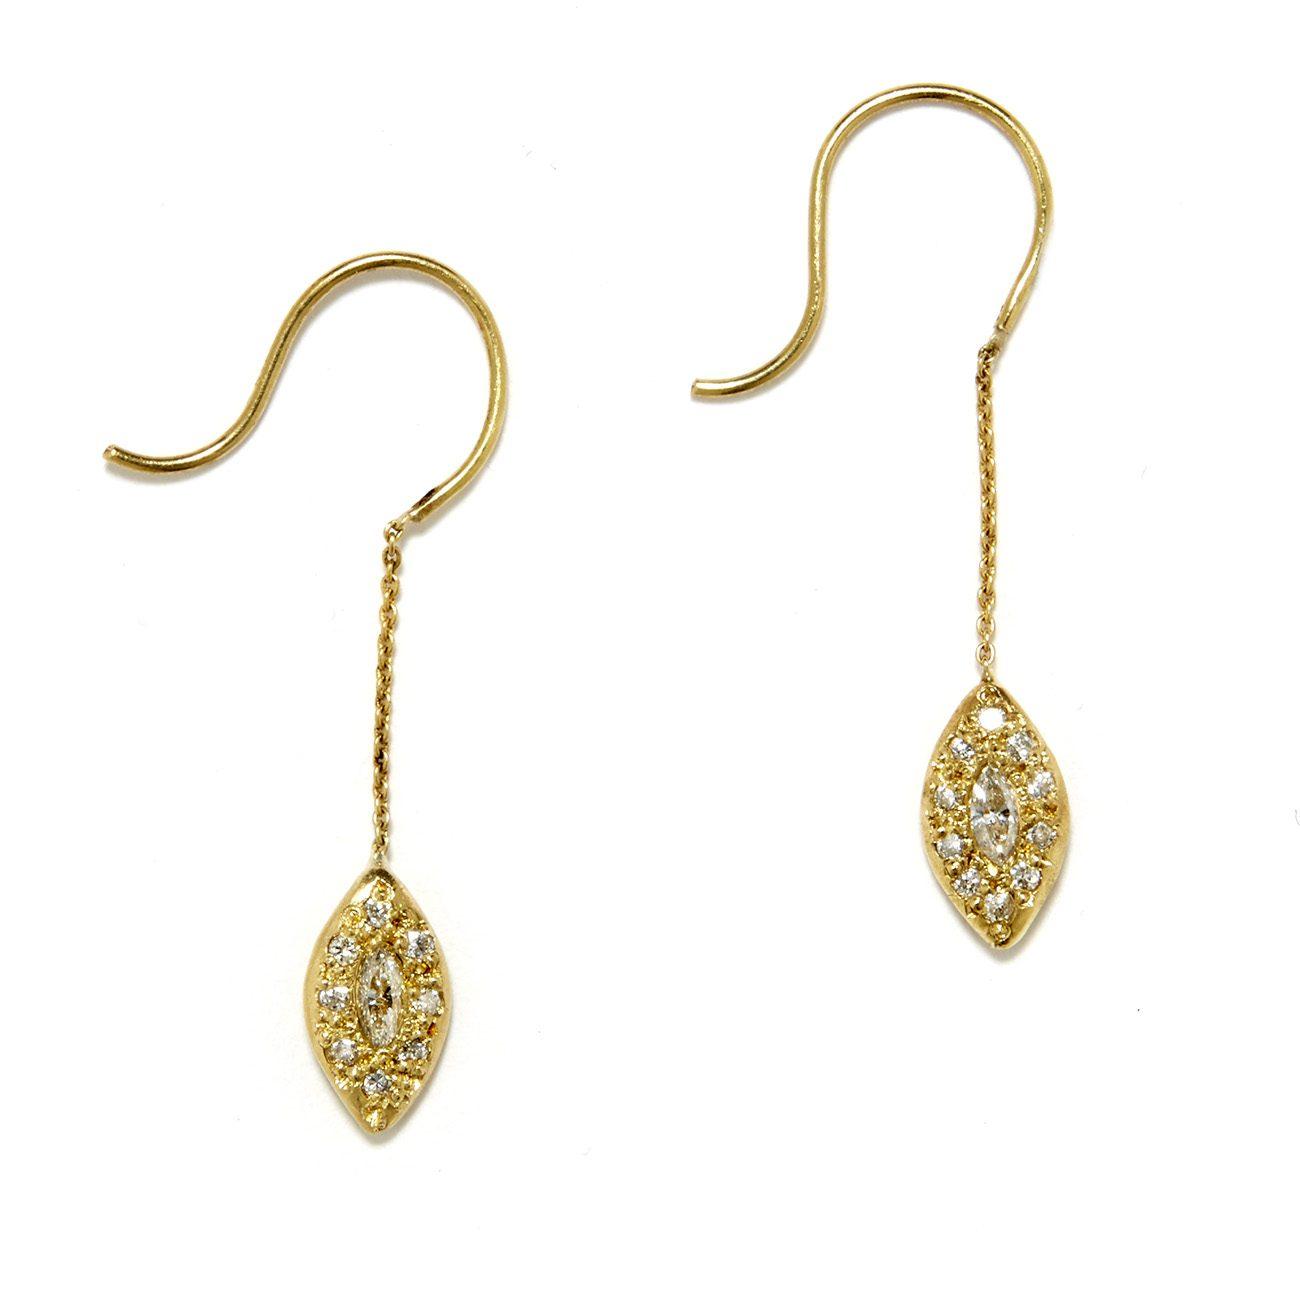 yellow-gold-marquis-eye-dangling-earrings